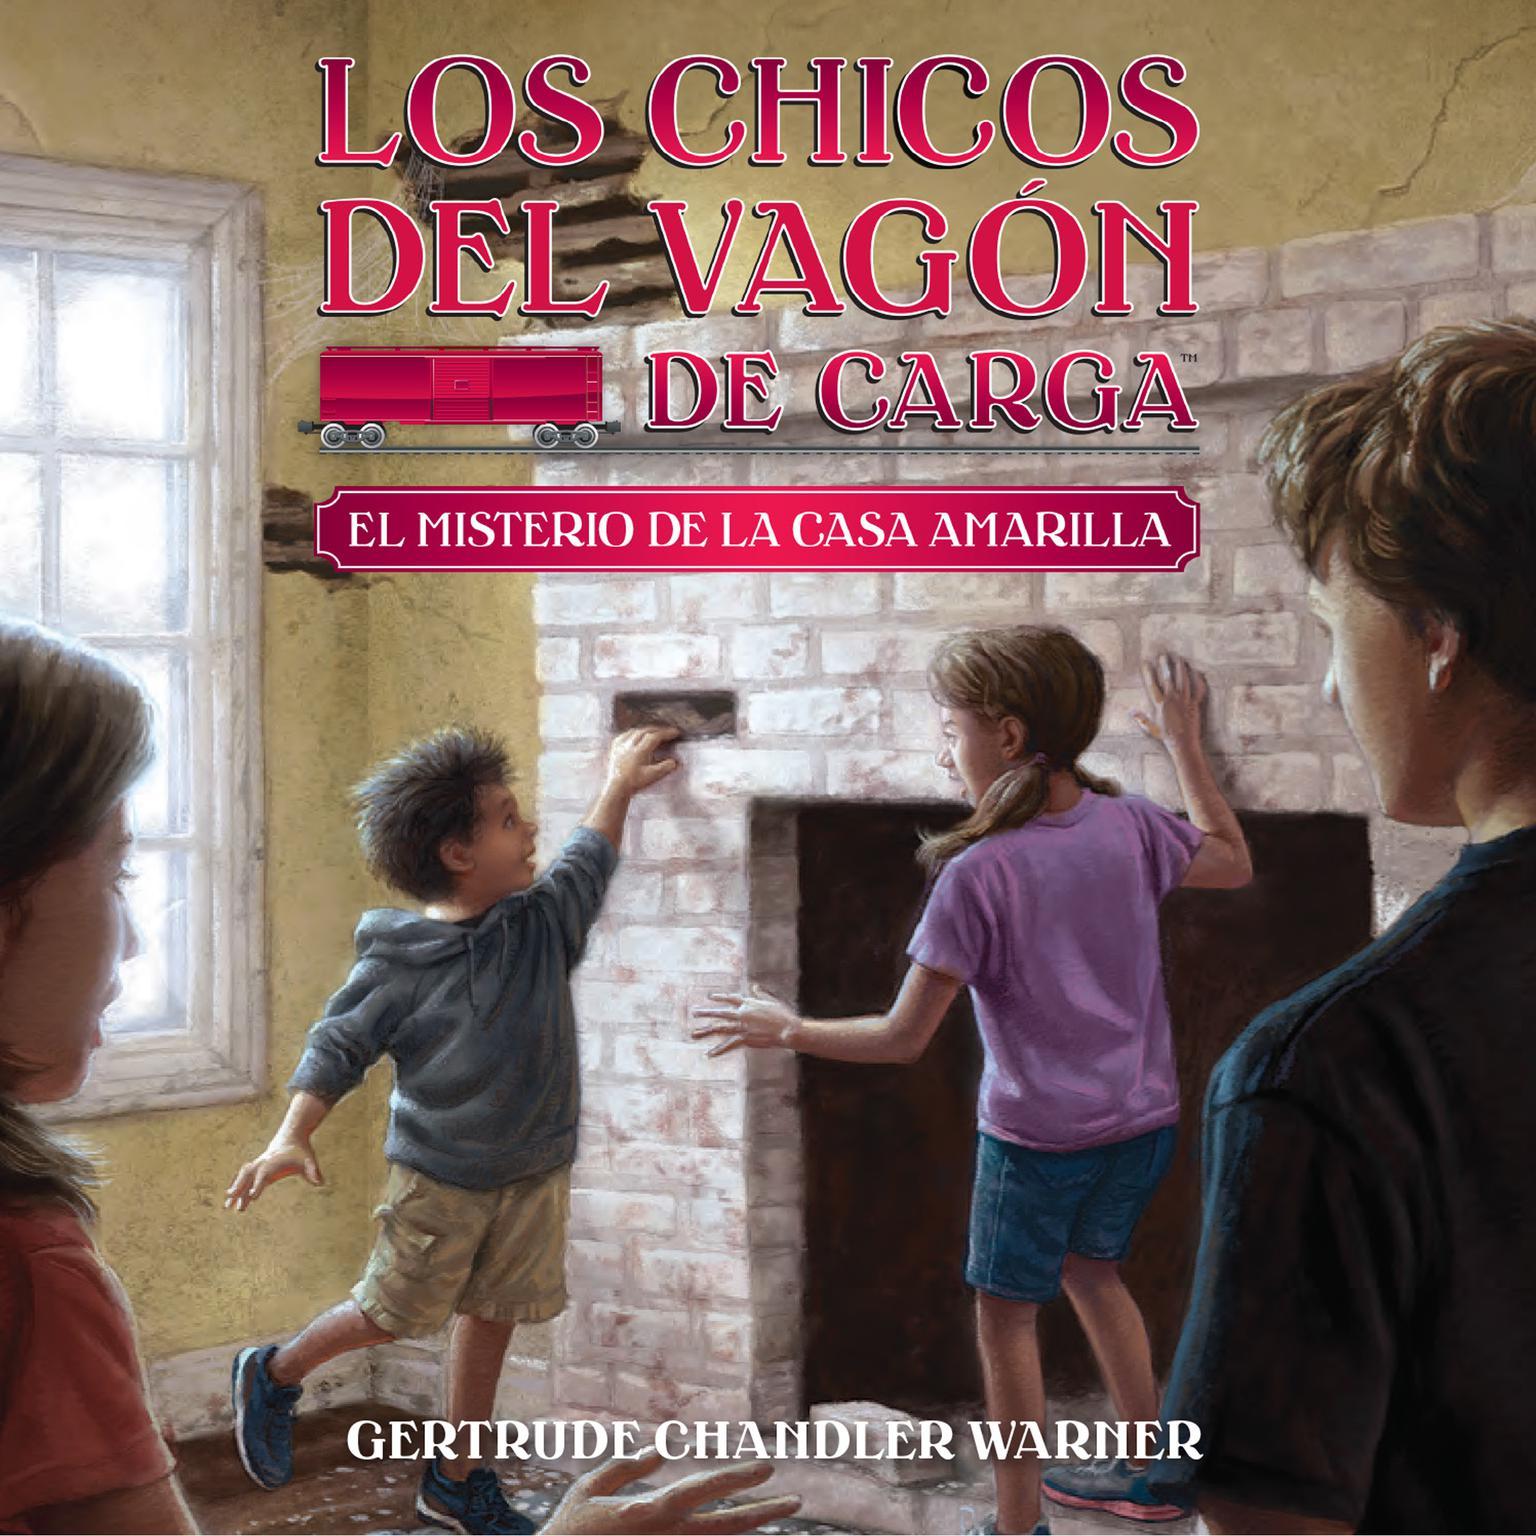 Printable El misterio de la casa amarilla (Spanish Edition) Audiobook Cover Art